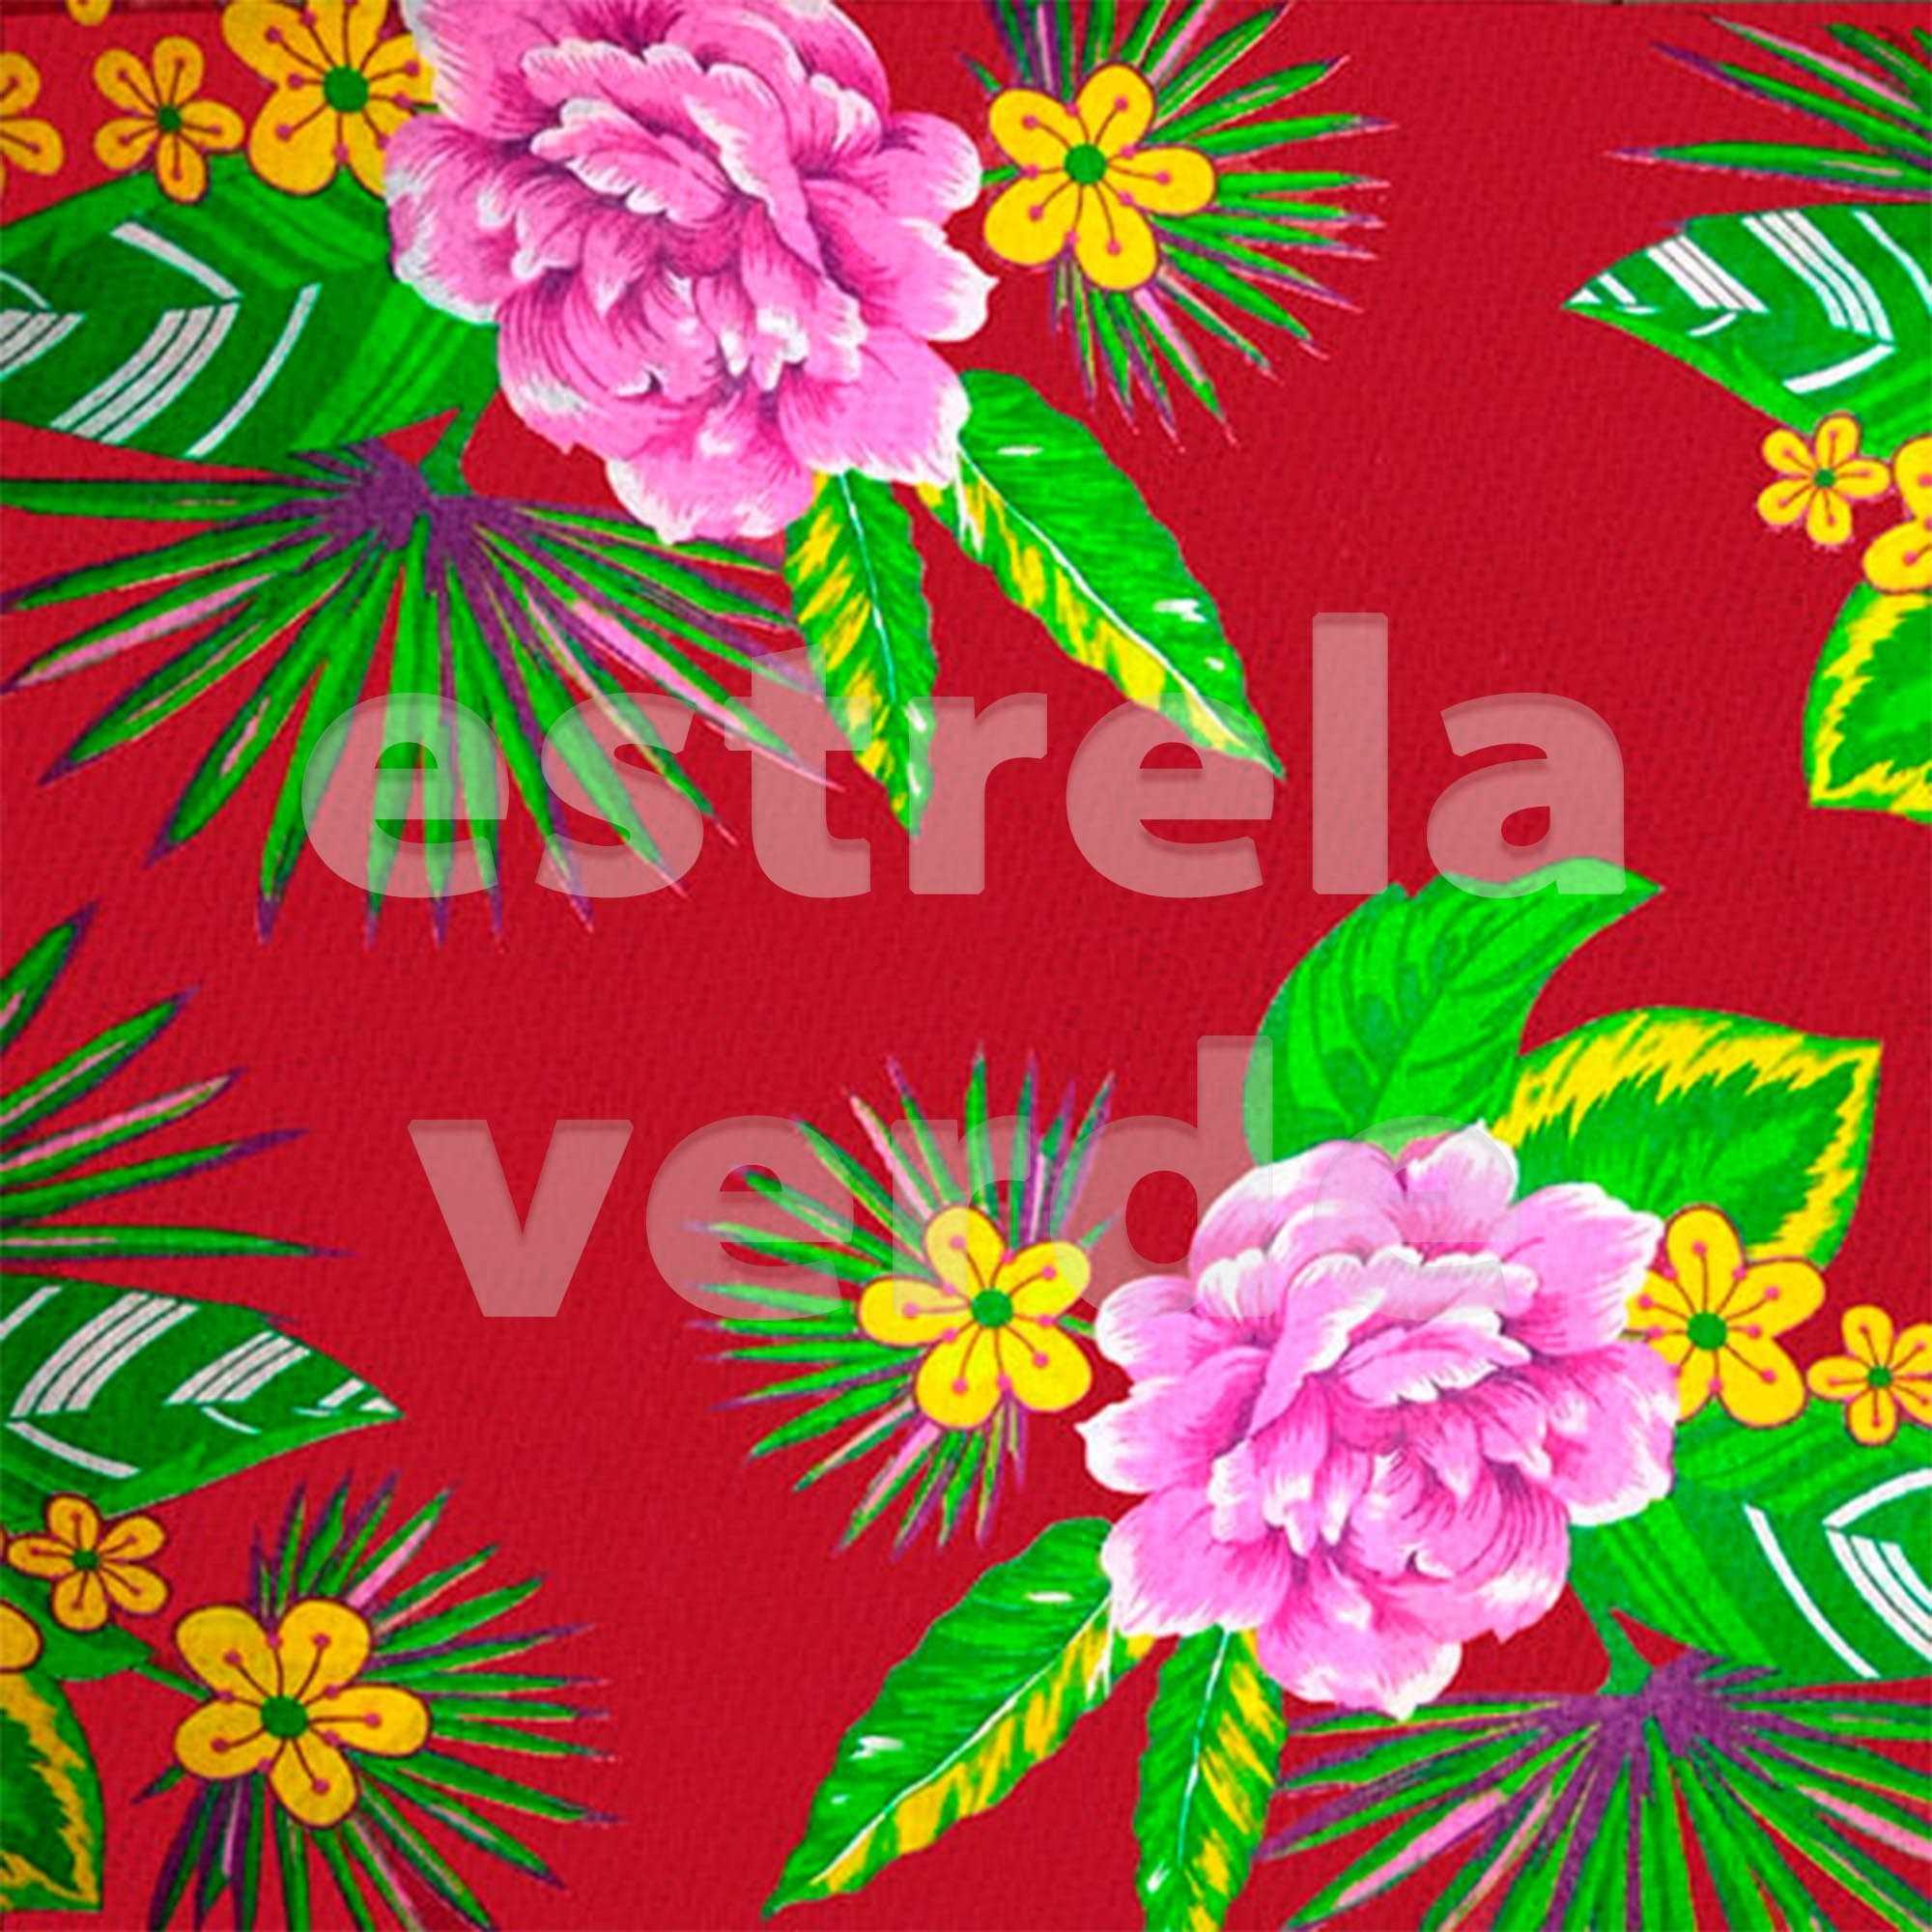 TECIDO CHITAO 2612/2 LILAS/MARROM 1,40 LARG  - Estrela Verde